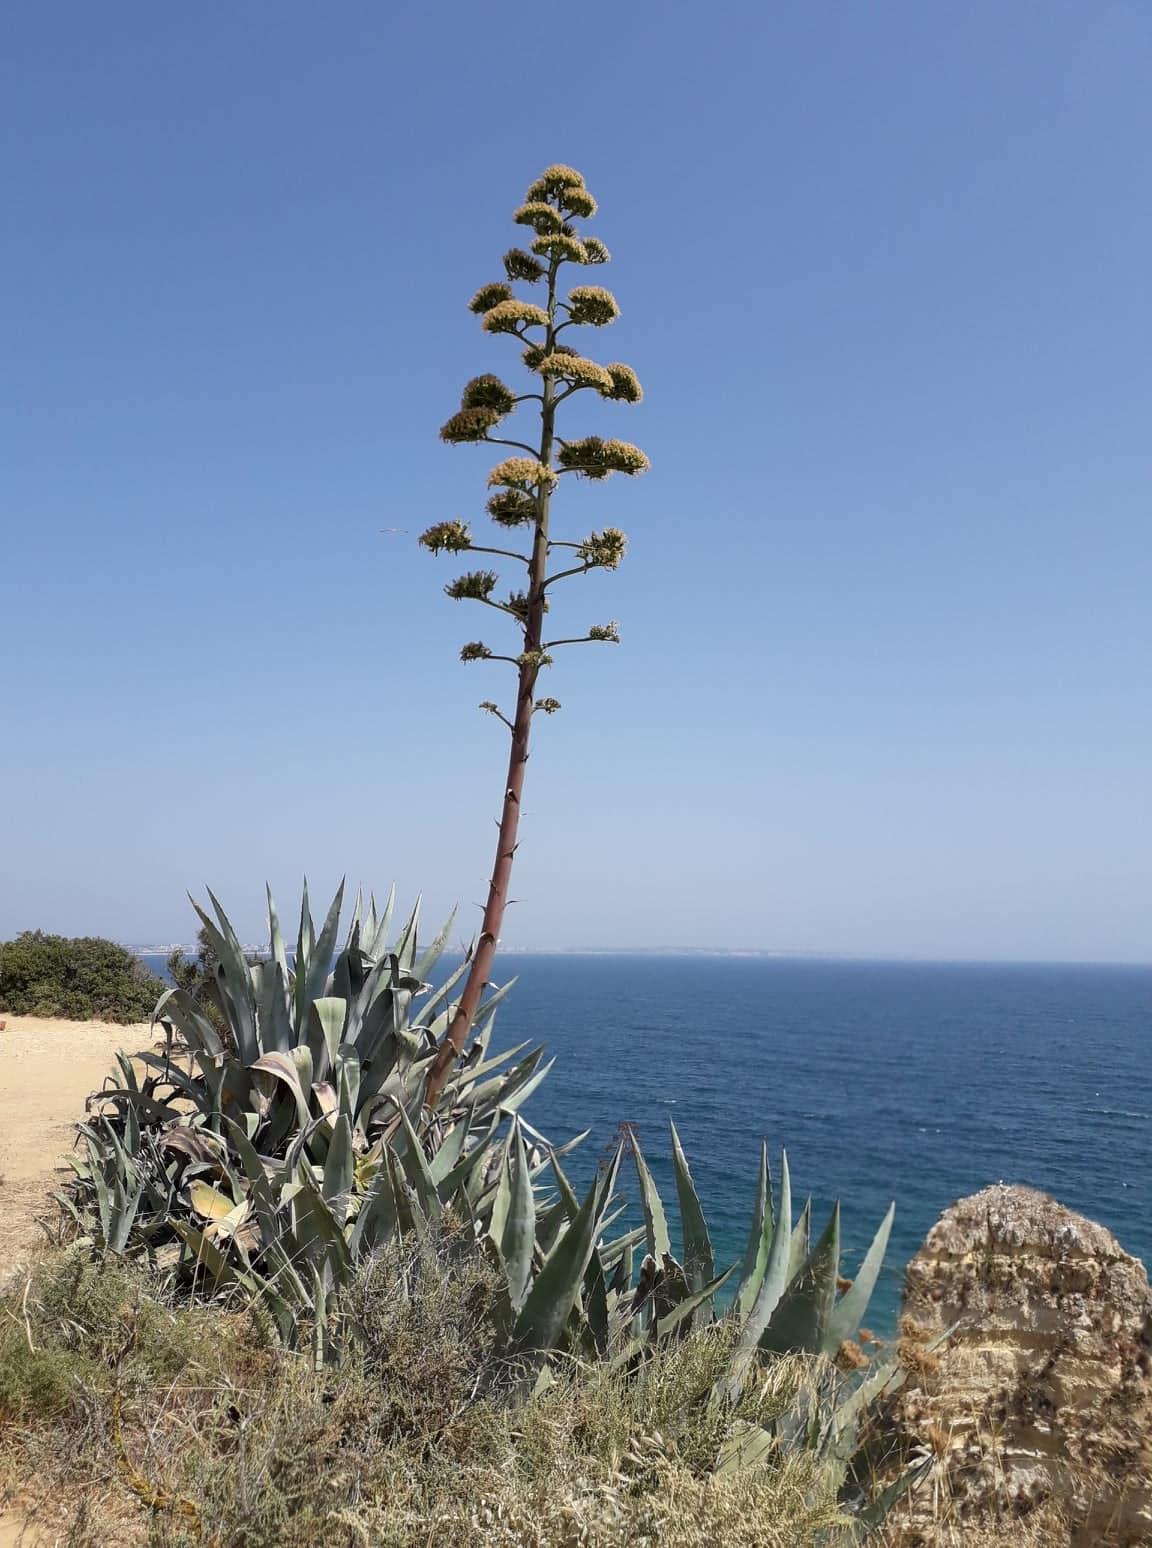 L'Agave fait partie des Essences Californiennes